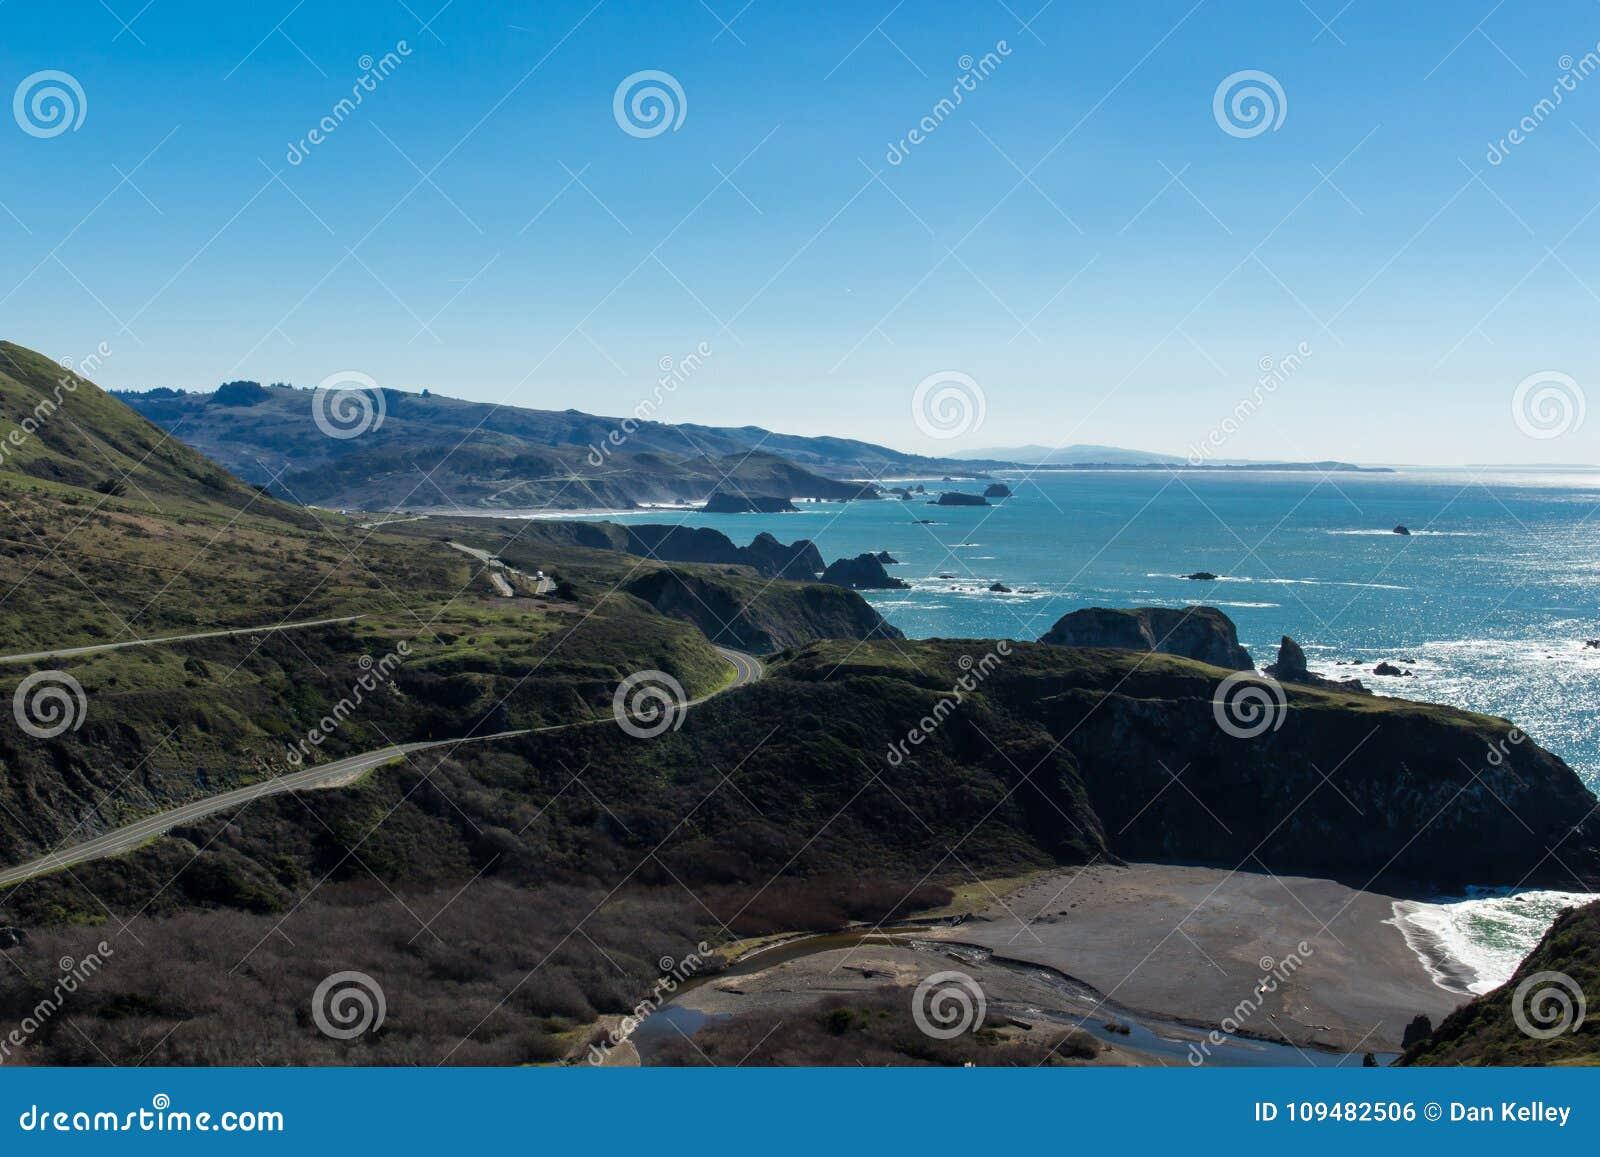 Strada principale una che finisce la costa del Pacifico Settentrionale